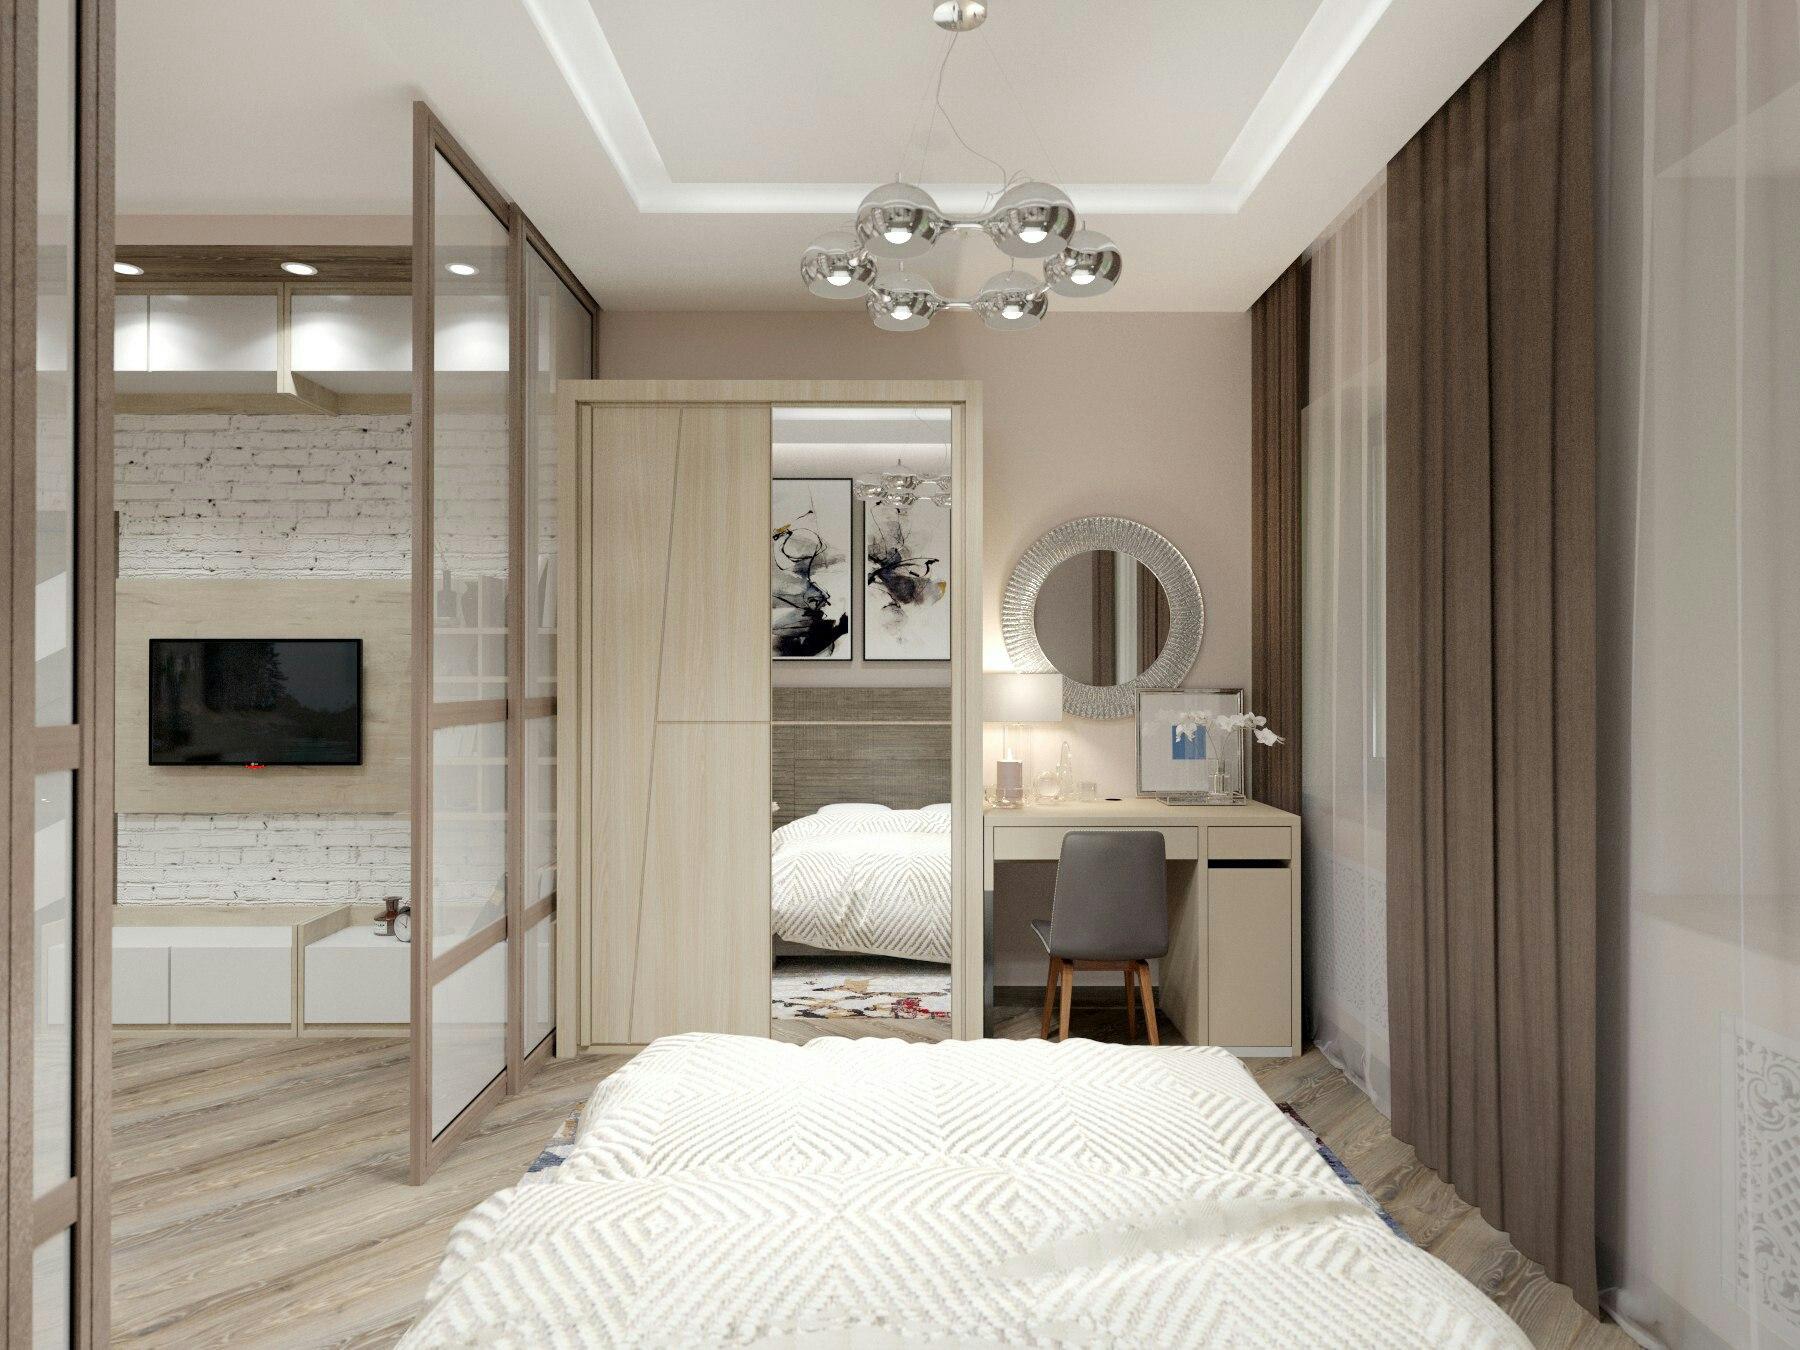 Зонирование и дизайн интерьера жилой комнаты (гостиной-спальни) в однокомнатной квартире.